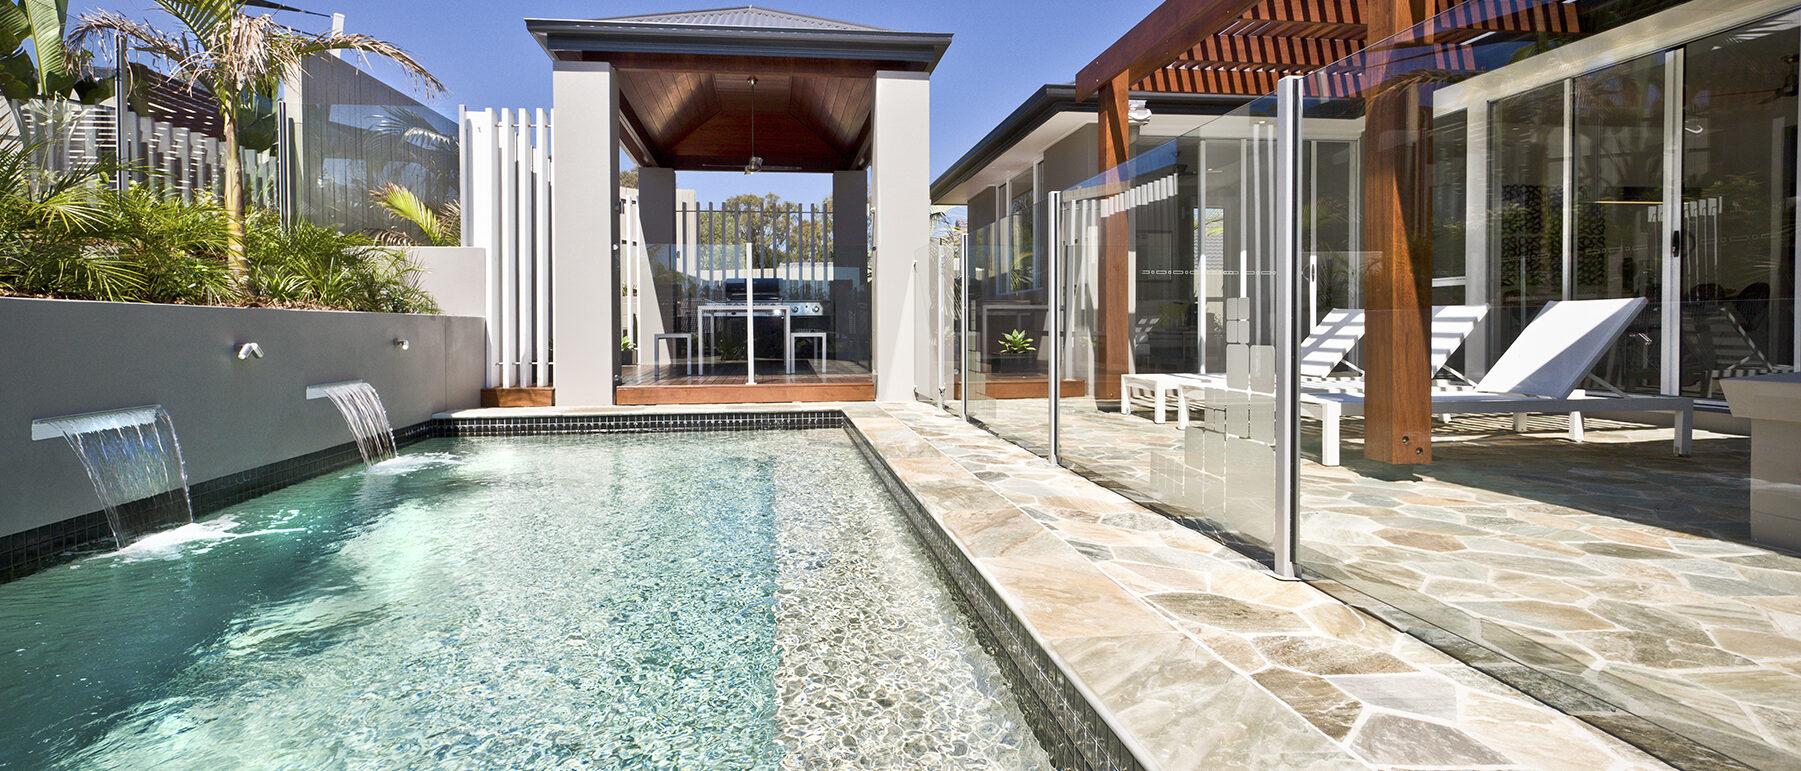 united pool tile pool tile